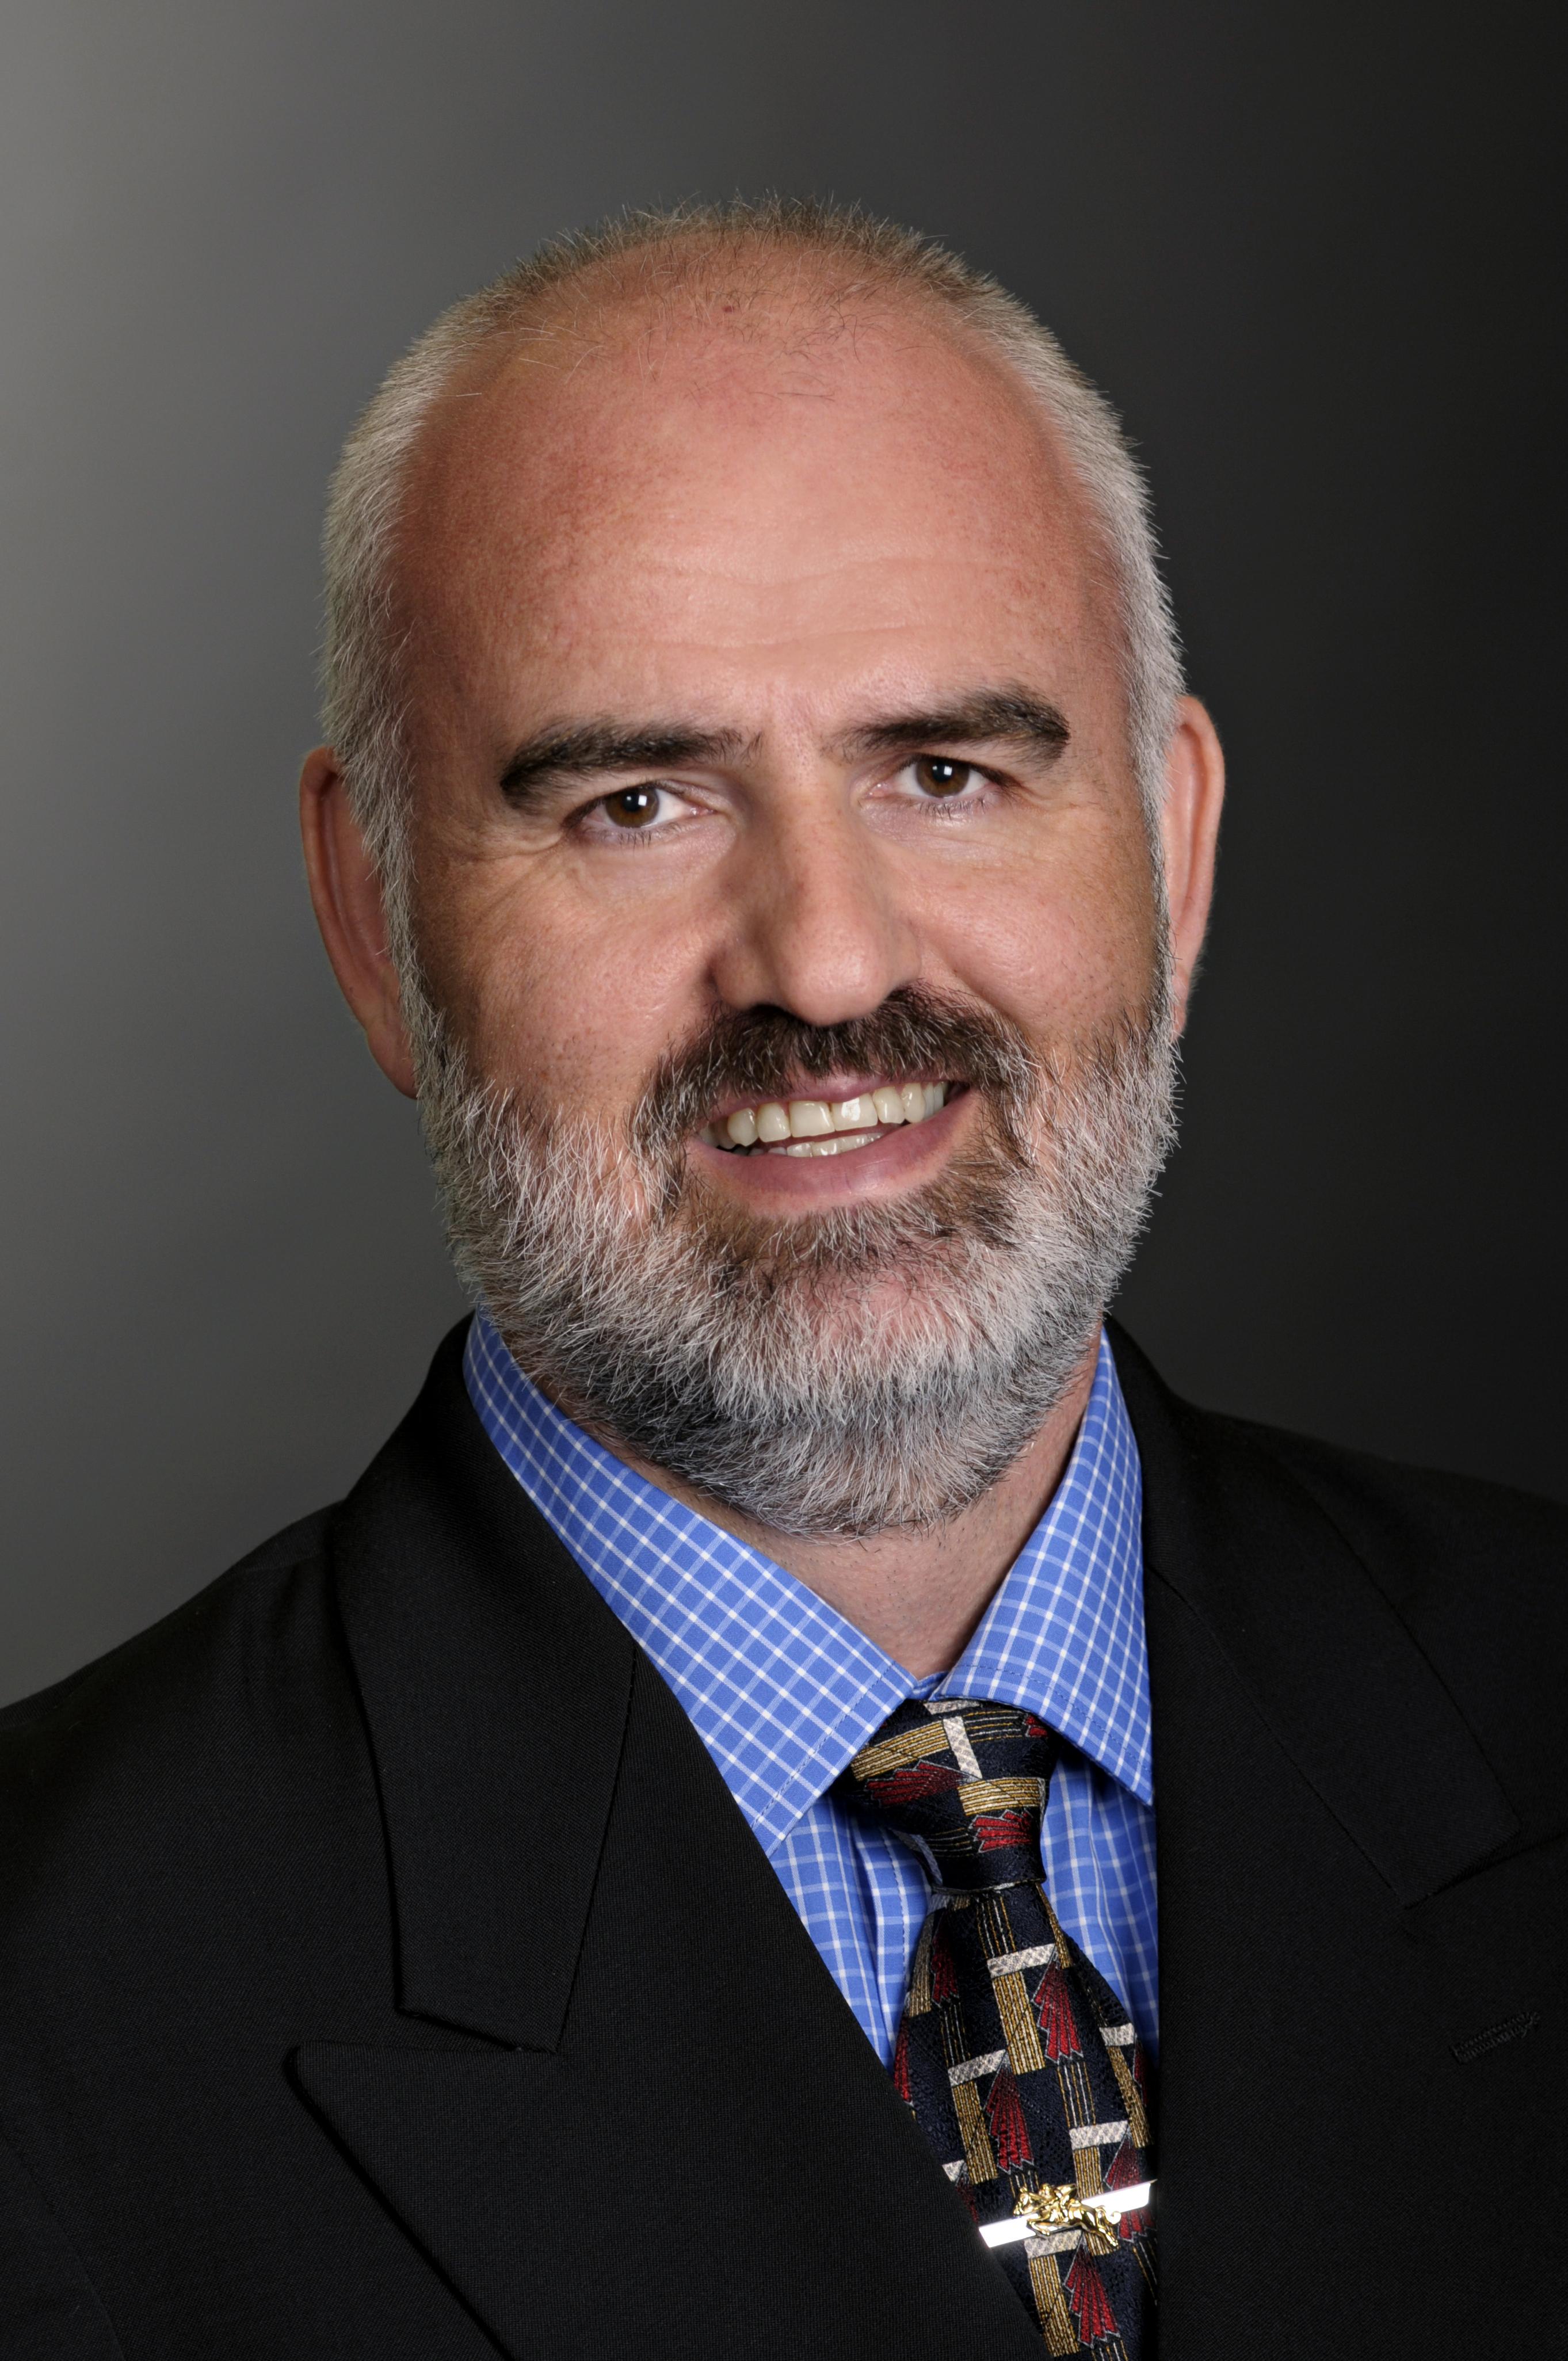 Thomas Hollman